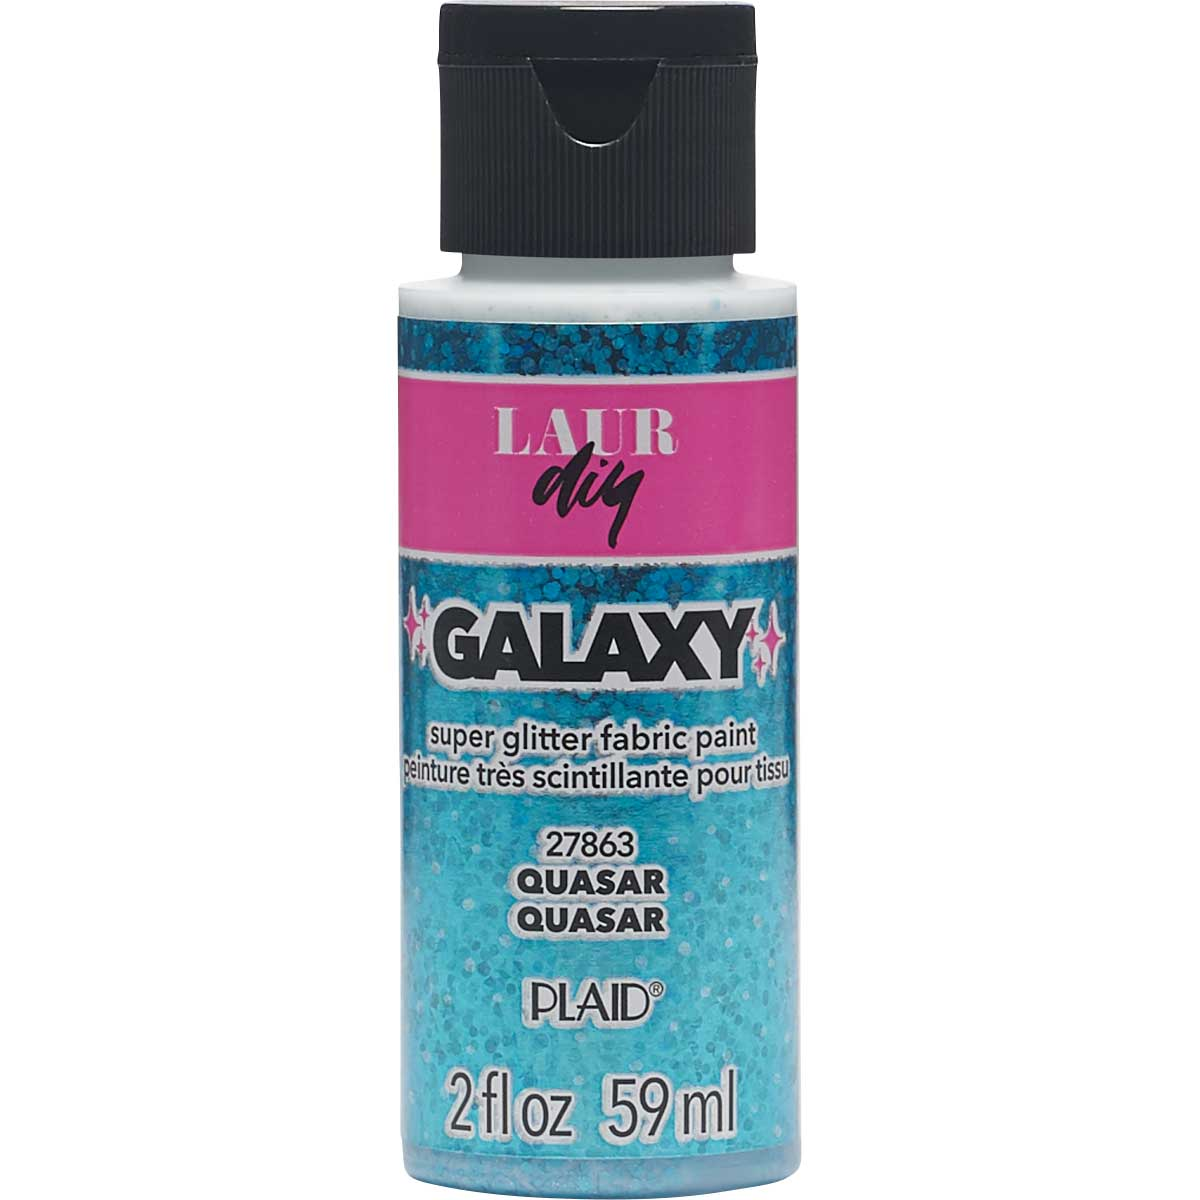 LaurDIY ® Galaxy Glitter Fabric Paint - Quasar, 2 oz.